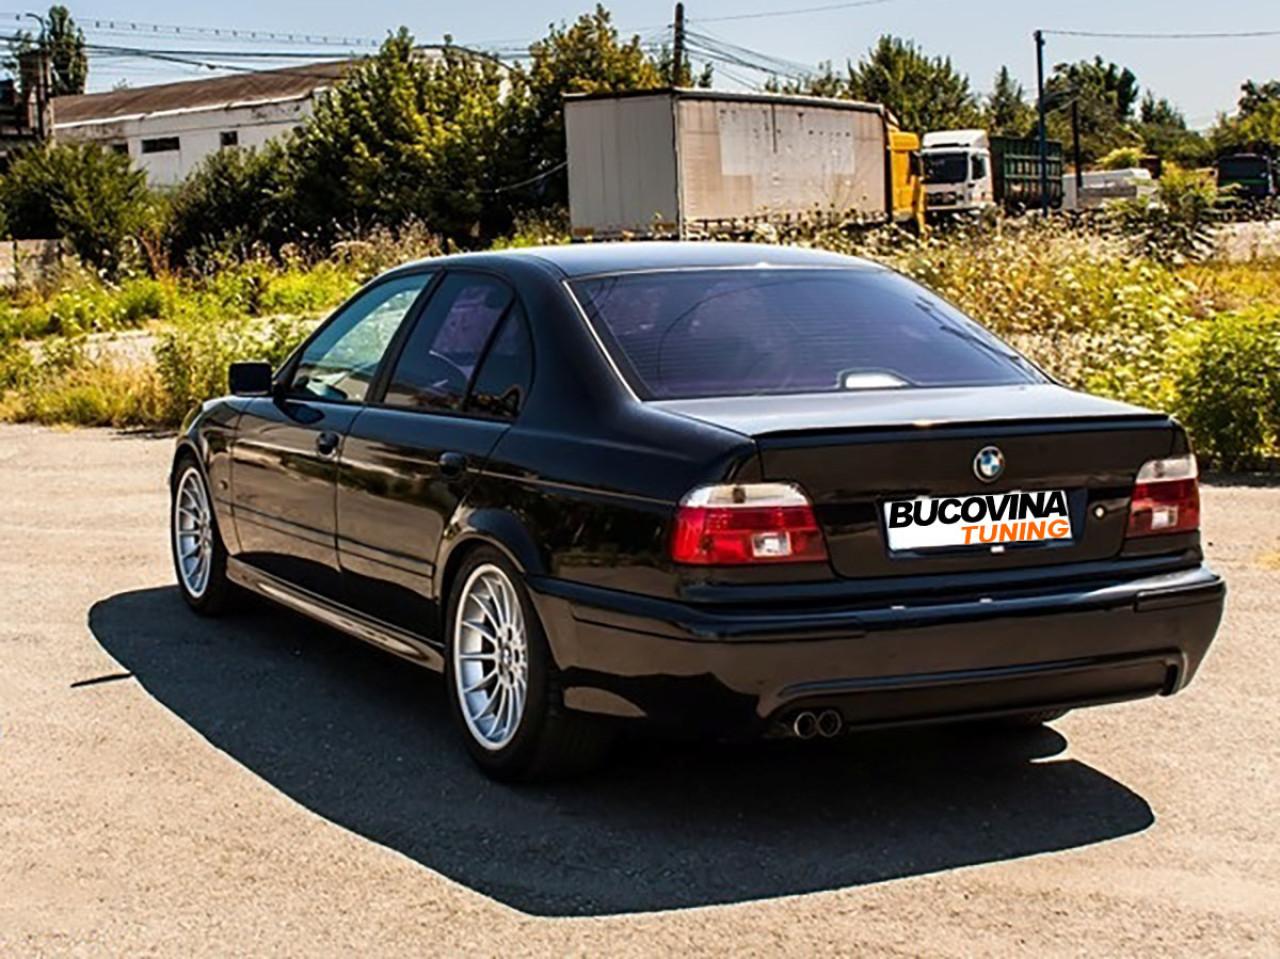 Kit Exterior BMW Seria 5 E39 (95-03) M5 Design